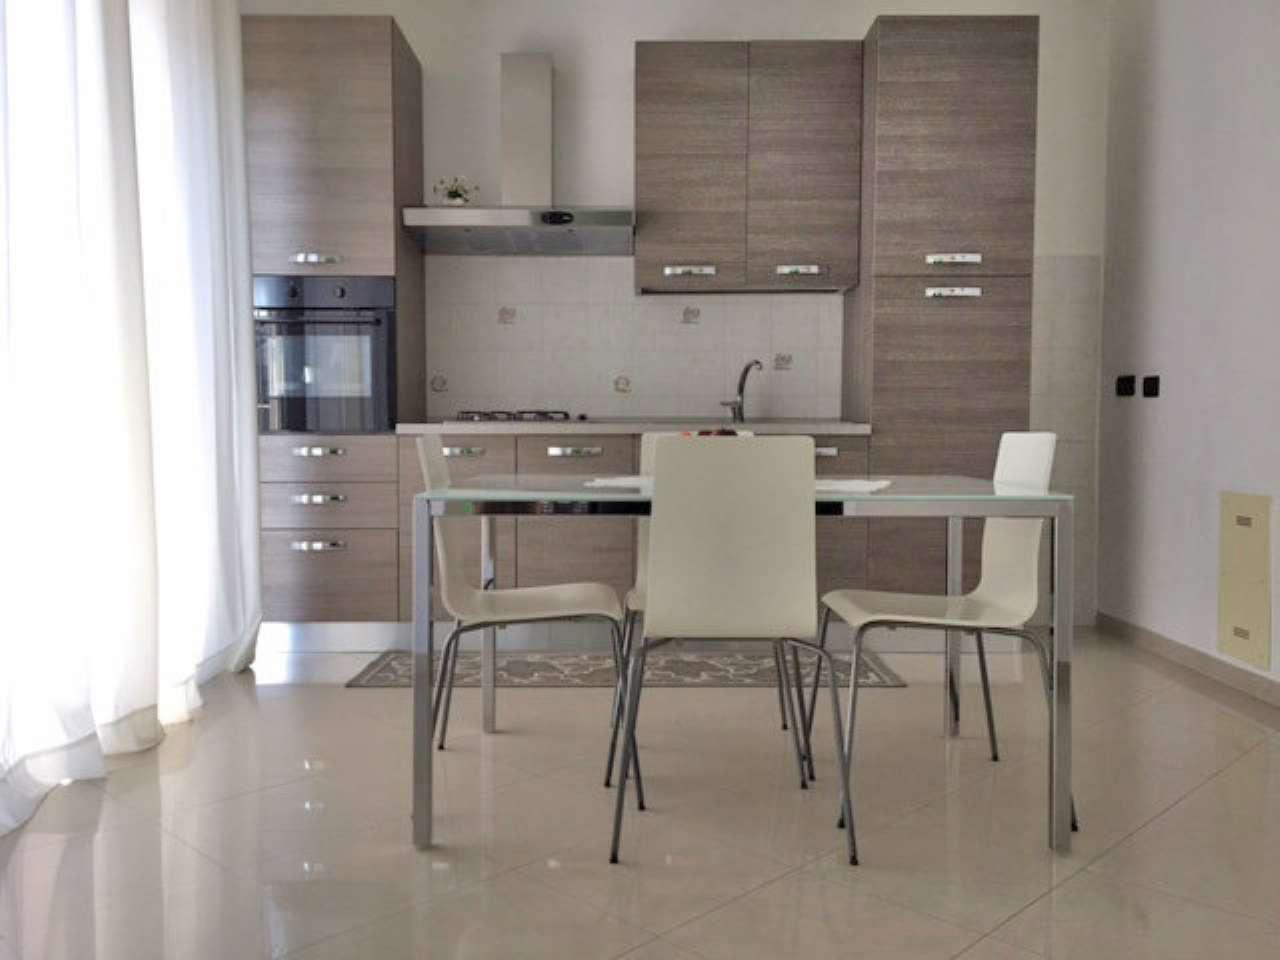 Appartamento in vendita a Bellaria Igea Marina, 4 locali, prezzo € 235.000 | Cambio Casa.it